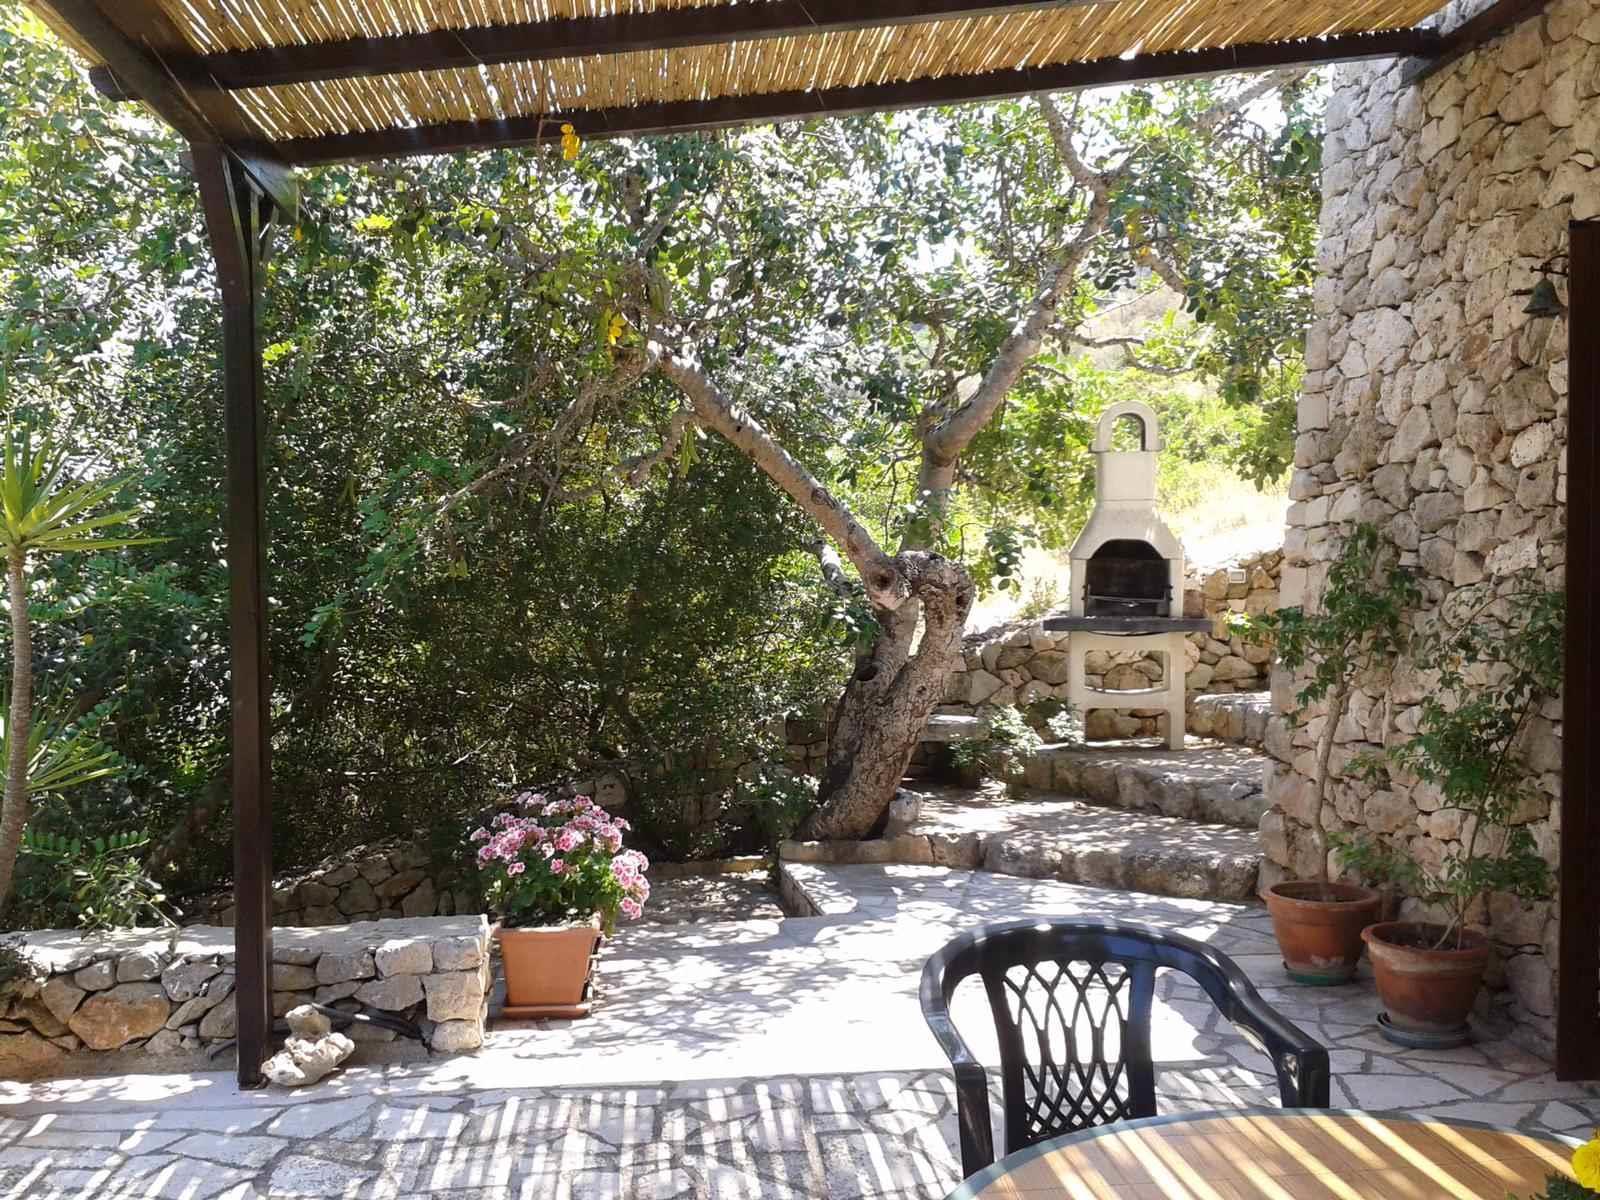 Apartment Mirto Sopra - casa in pietra sul mare photo 24830044